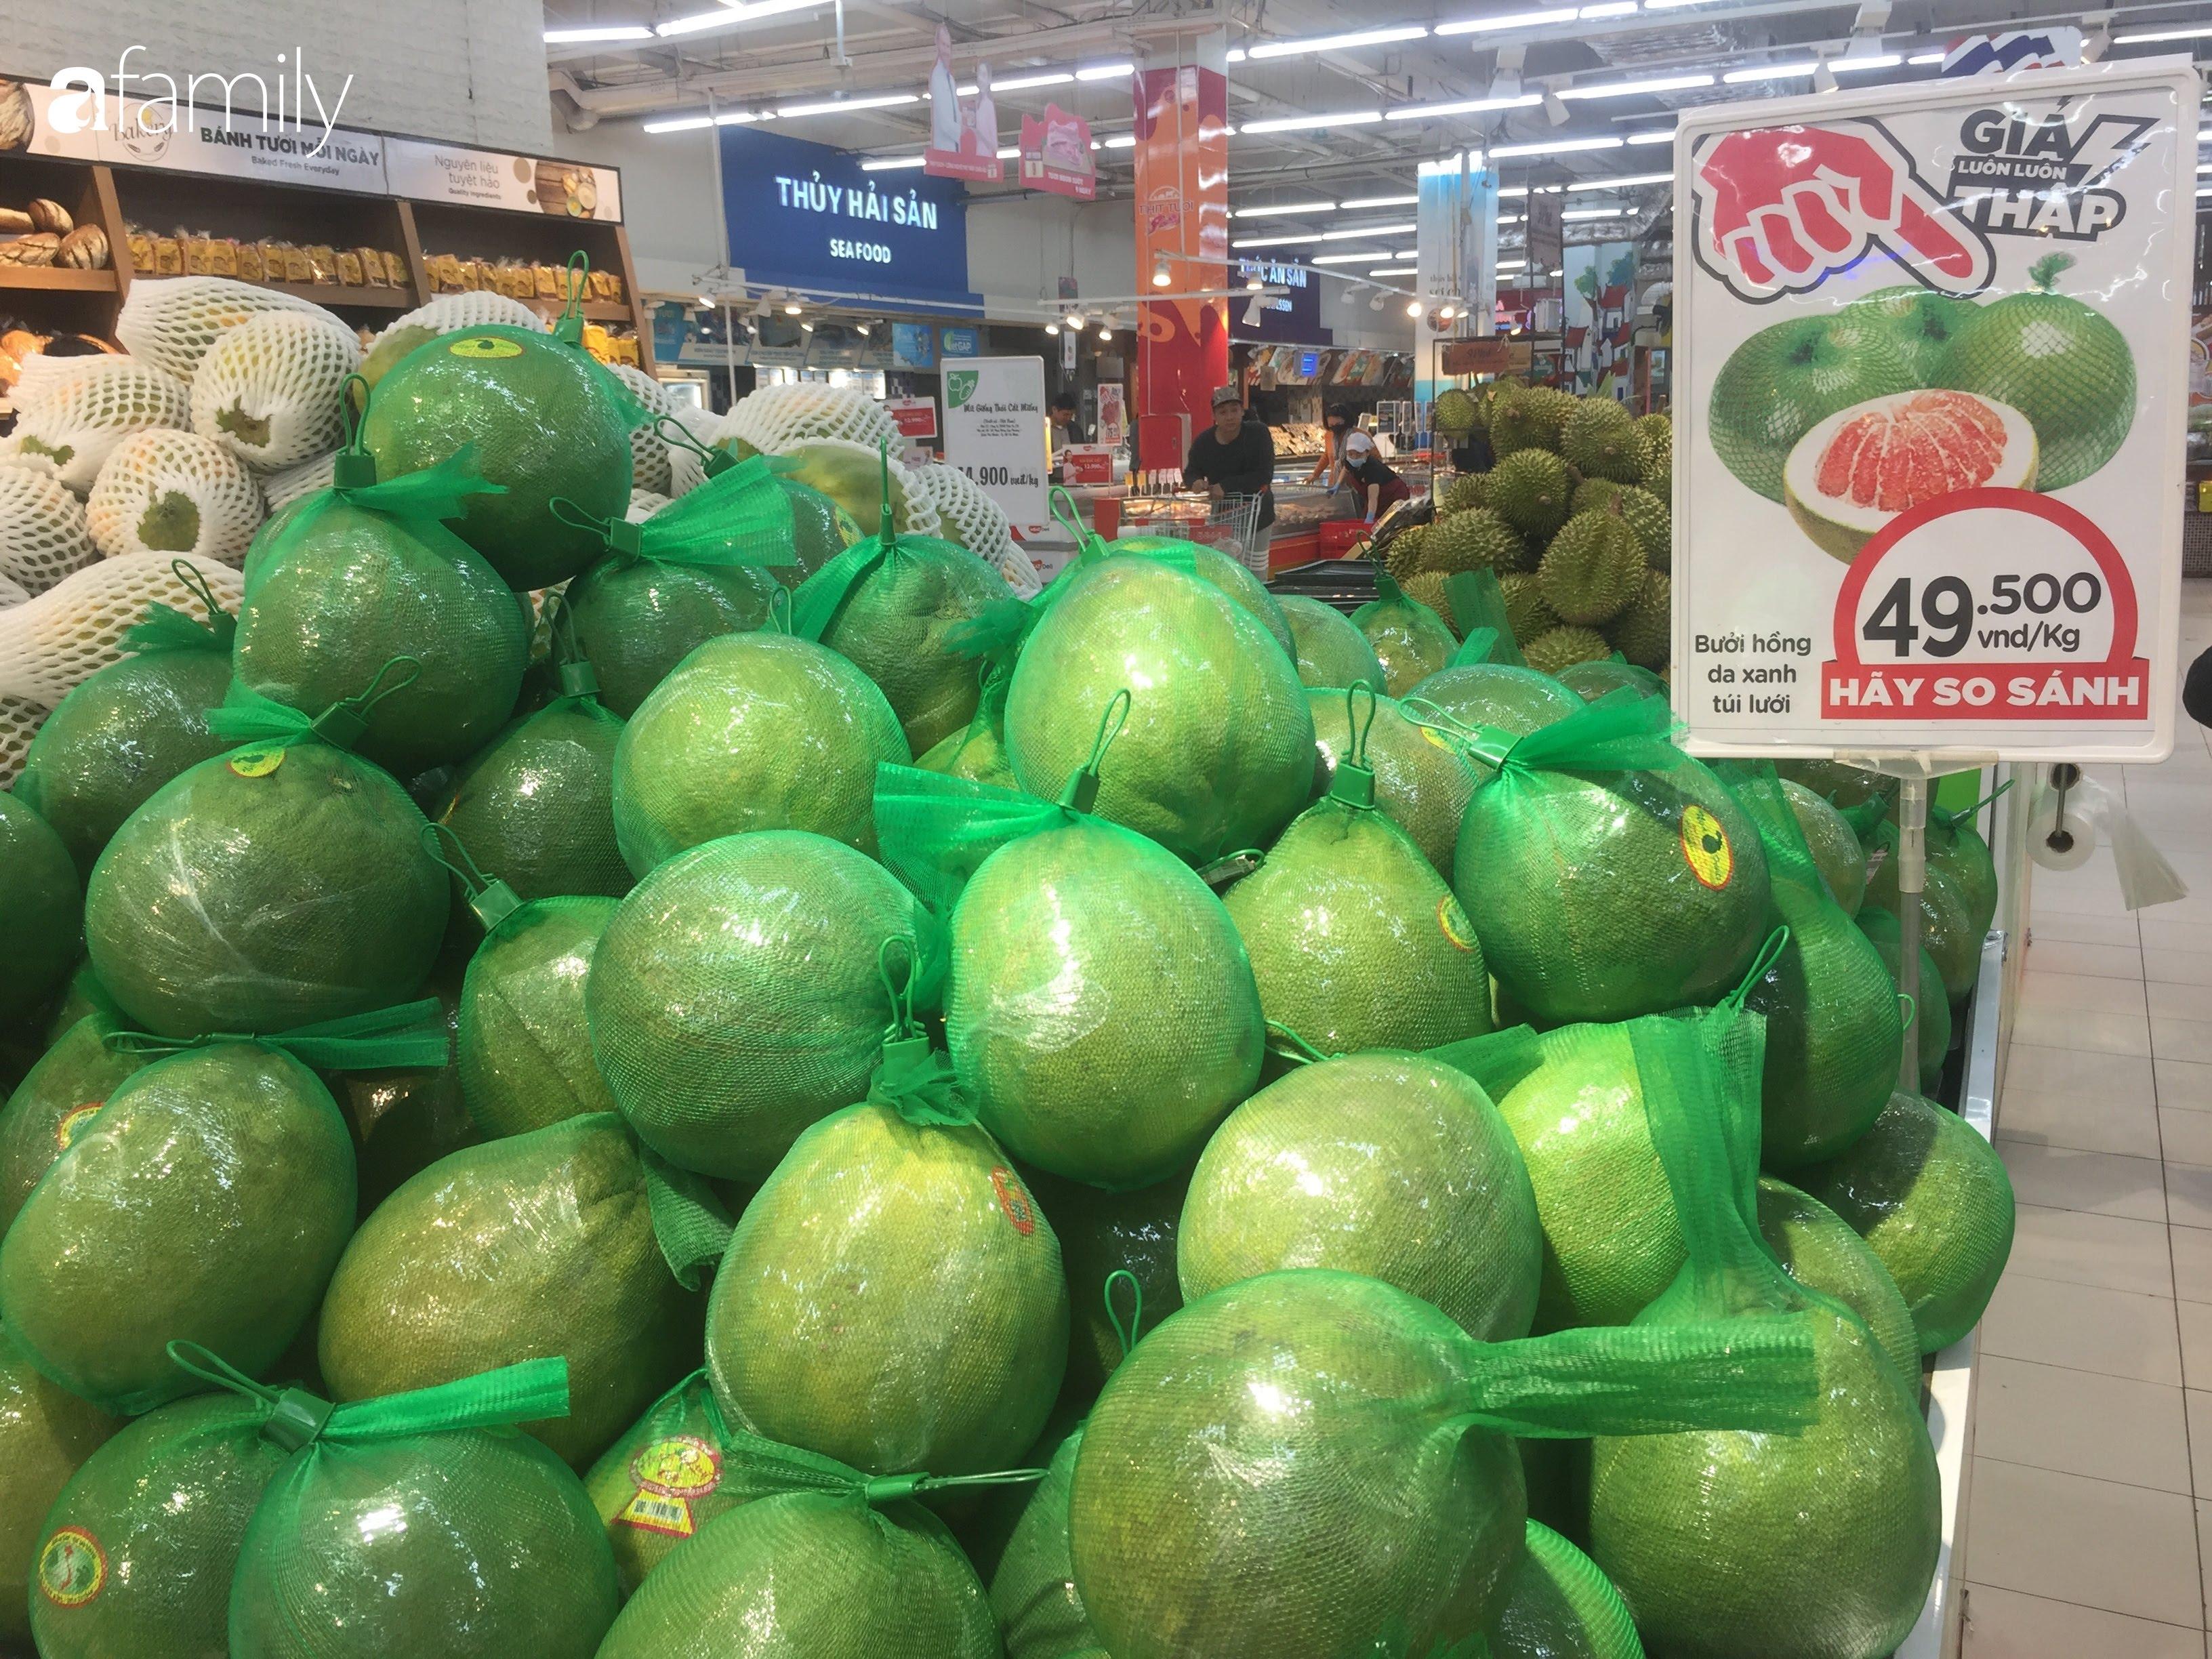 Giá ho quả trong siêu thị rẻ gấp 3 lần so với thời điểm trước Tết, dư hấu còn 6.700 đồng/kg - Ảnh 10.